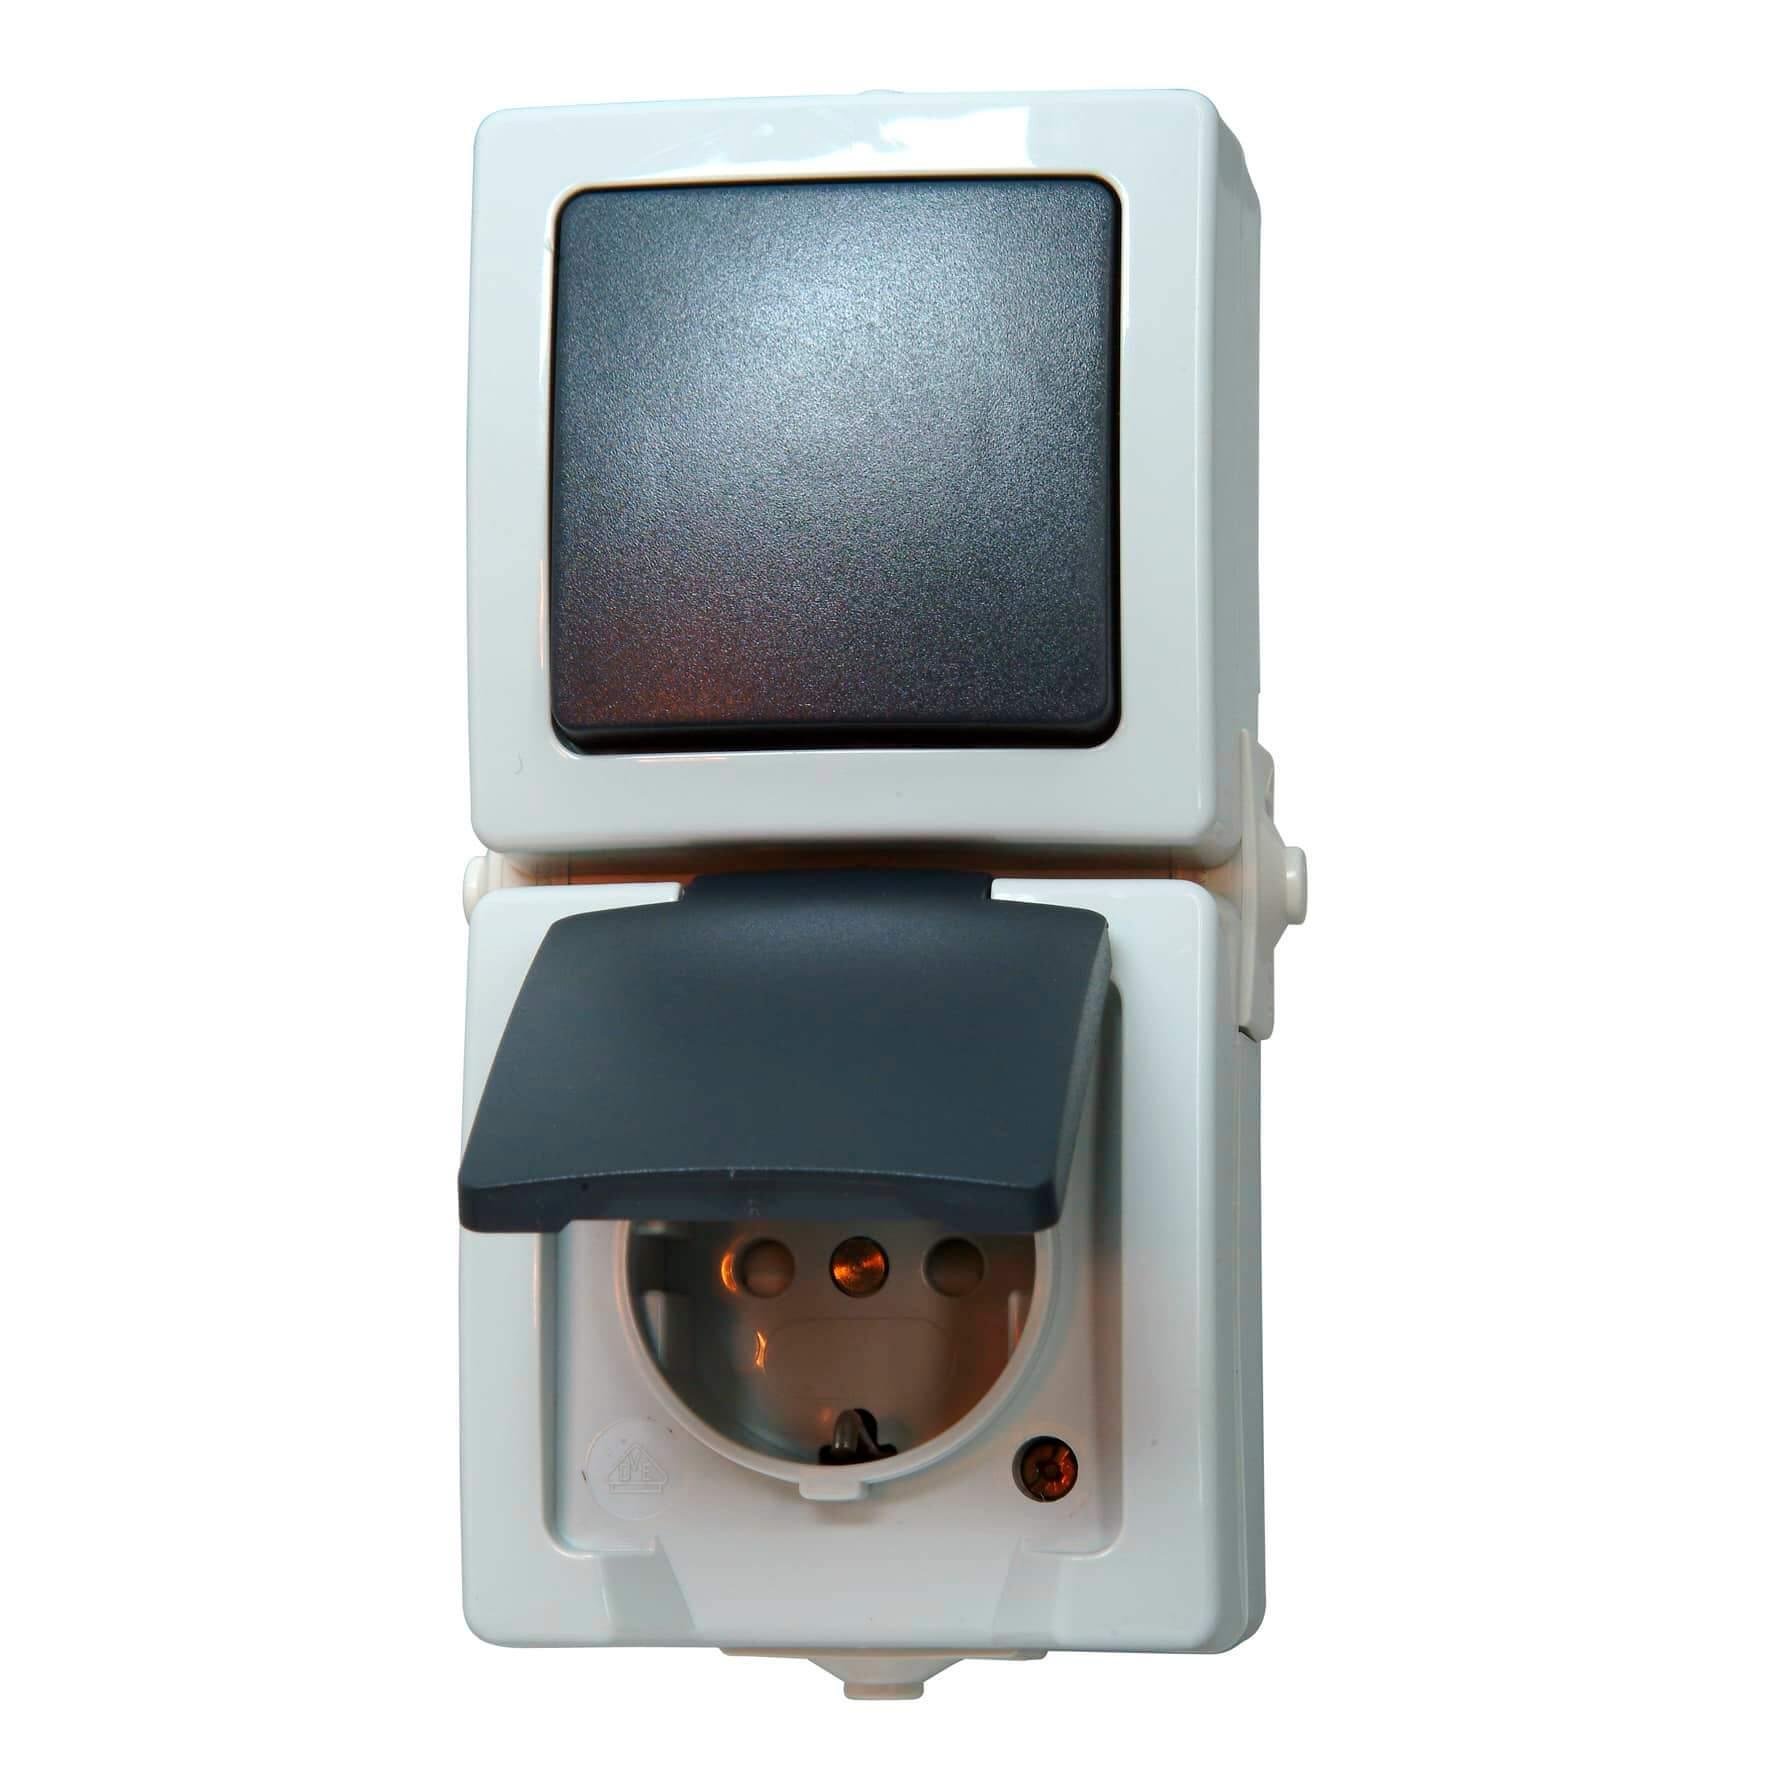 Kopp Nautic Aufputz Feuchtraum Universalschalter Aus-//Wechselschalter IP44 weiß